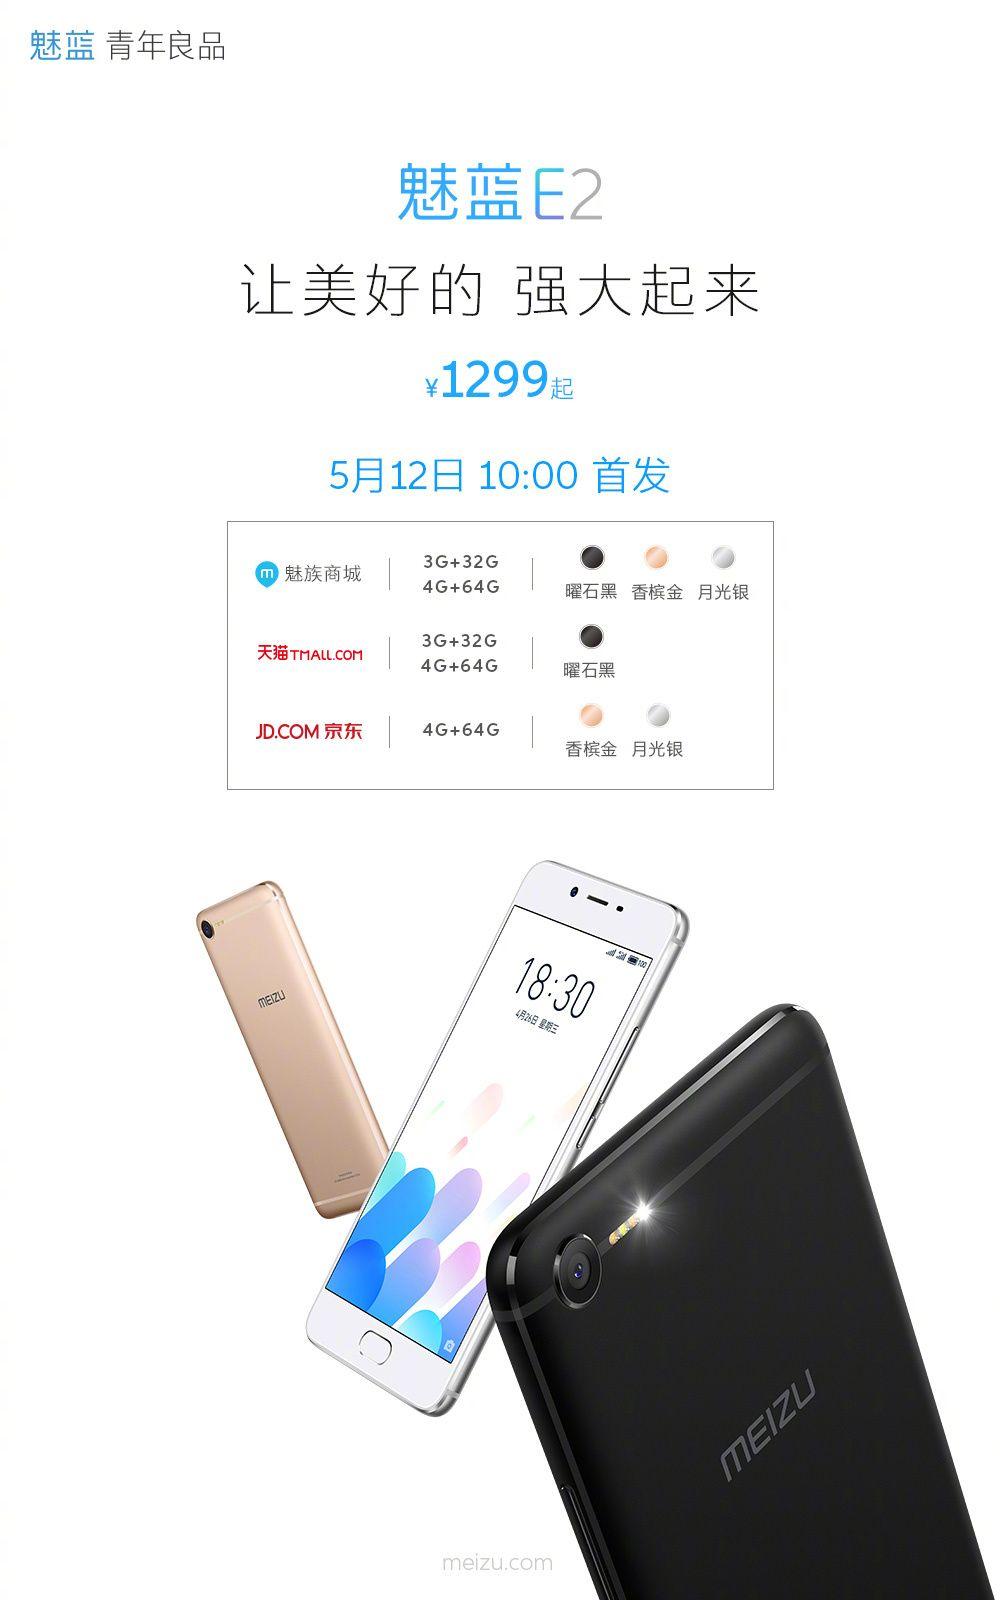 4GB+64GBモデルの魅藍E2(Meizu M2 E)が5月12日10:00(CST)より販売開始